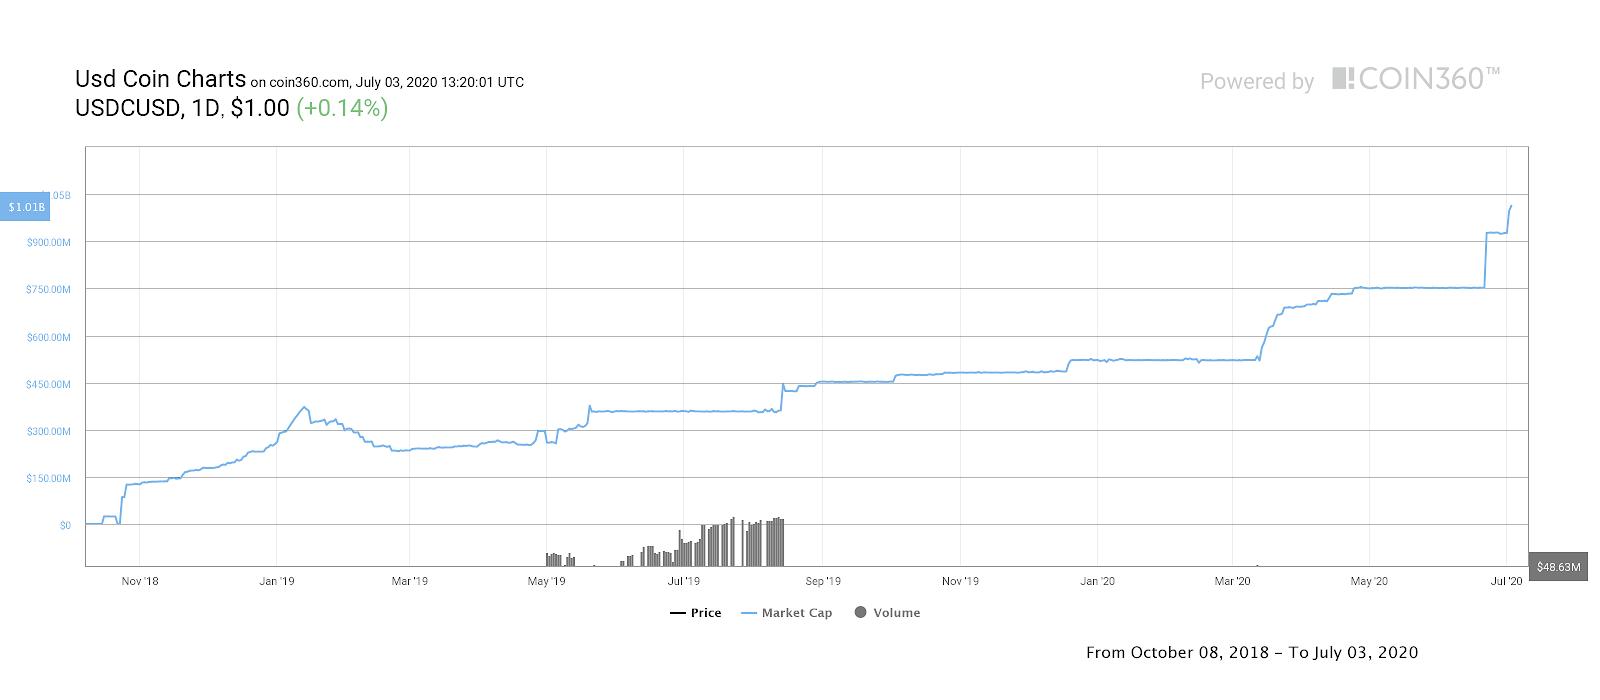 Graphique historique de l'USD Coin